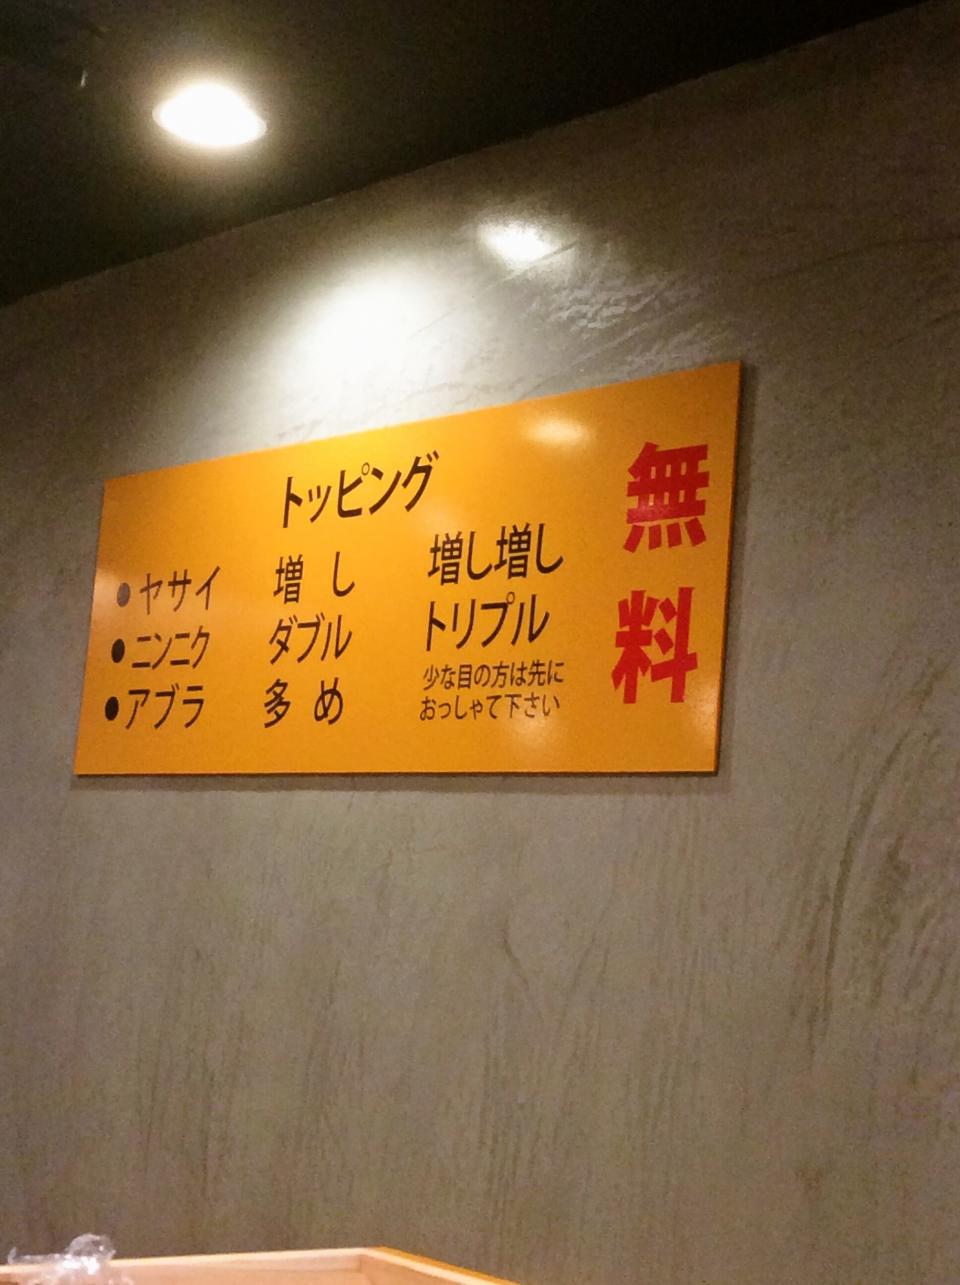 ジロリアン(店舗外観)